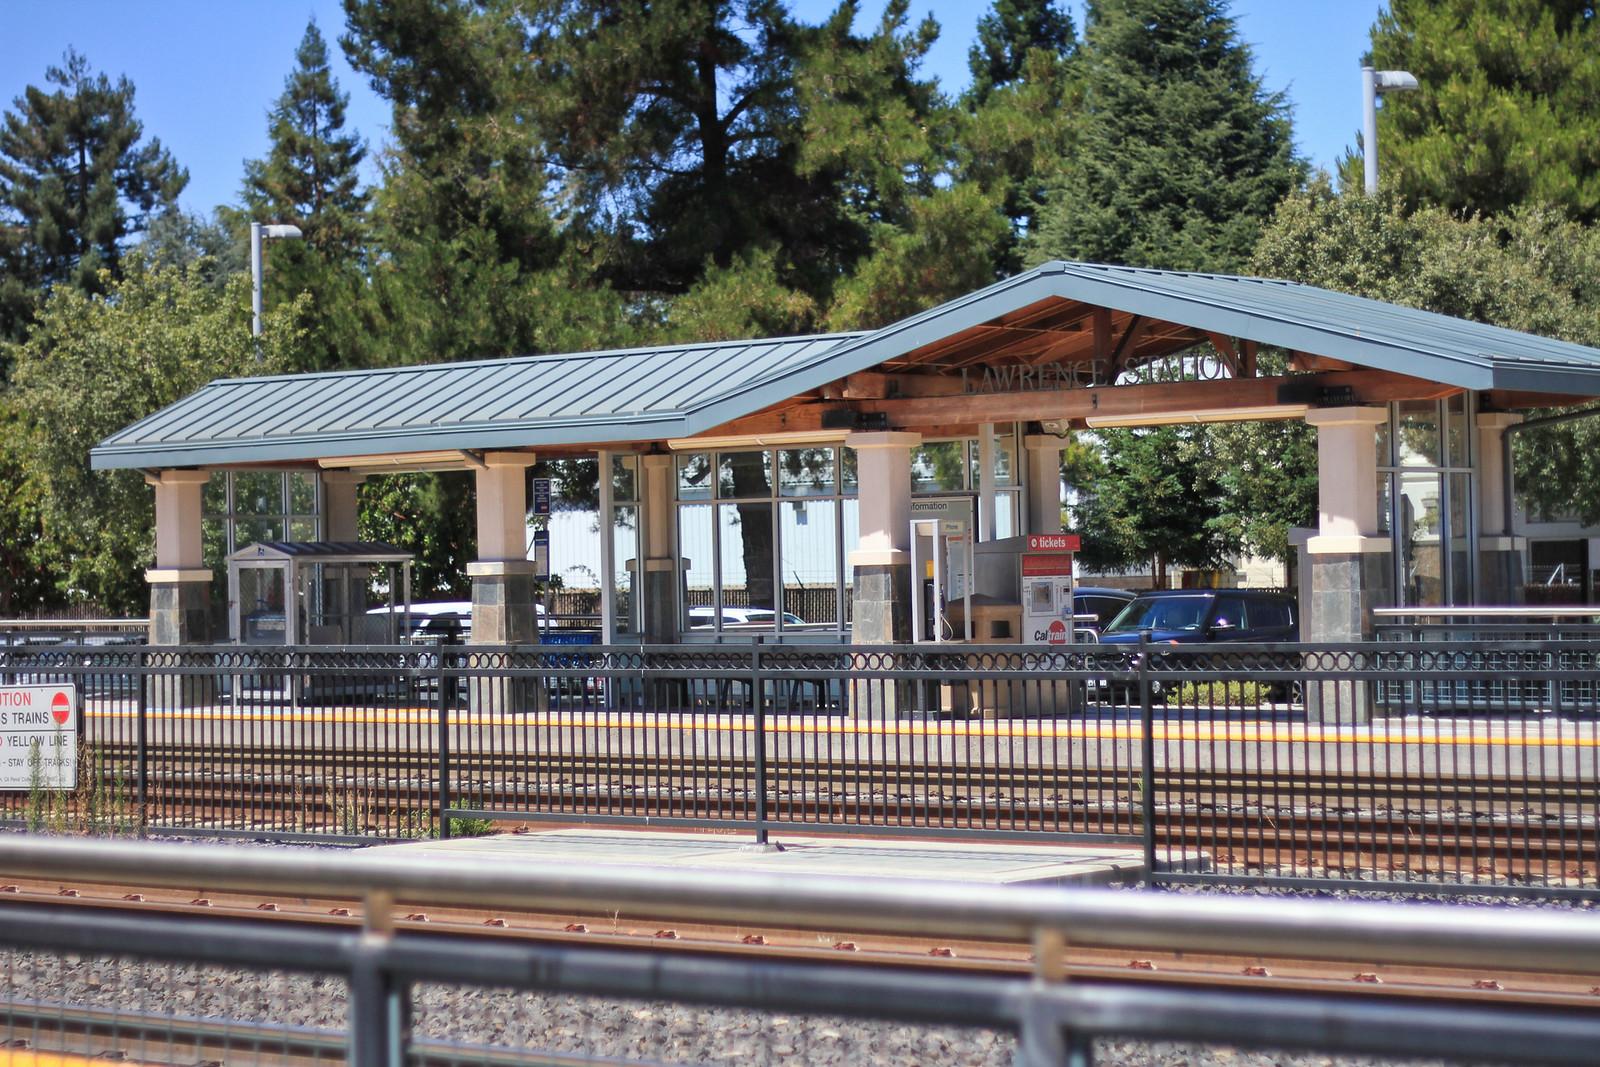 Lawrence+Station.jpg